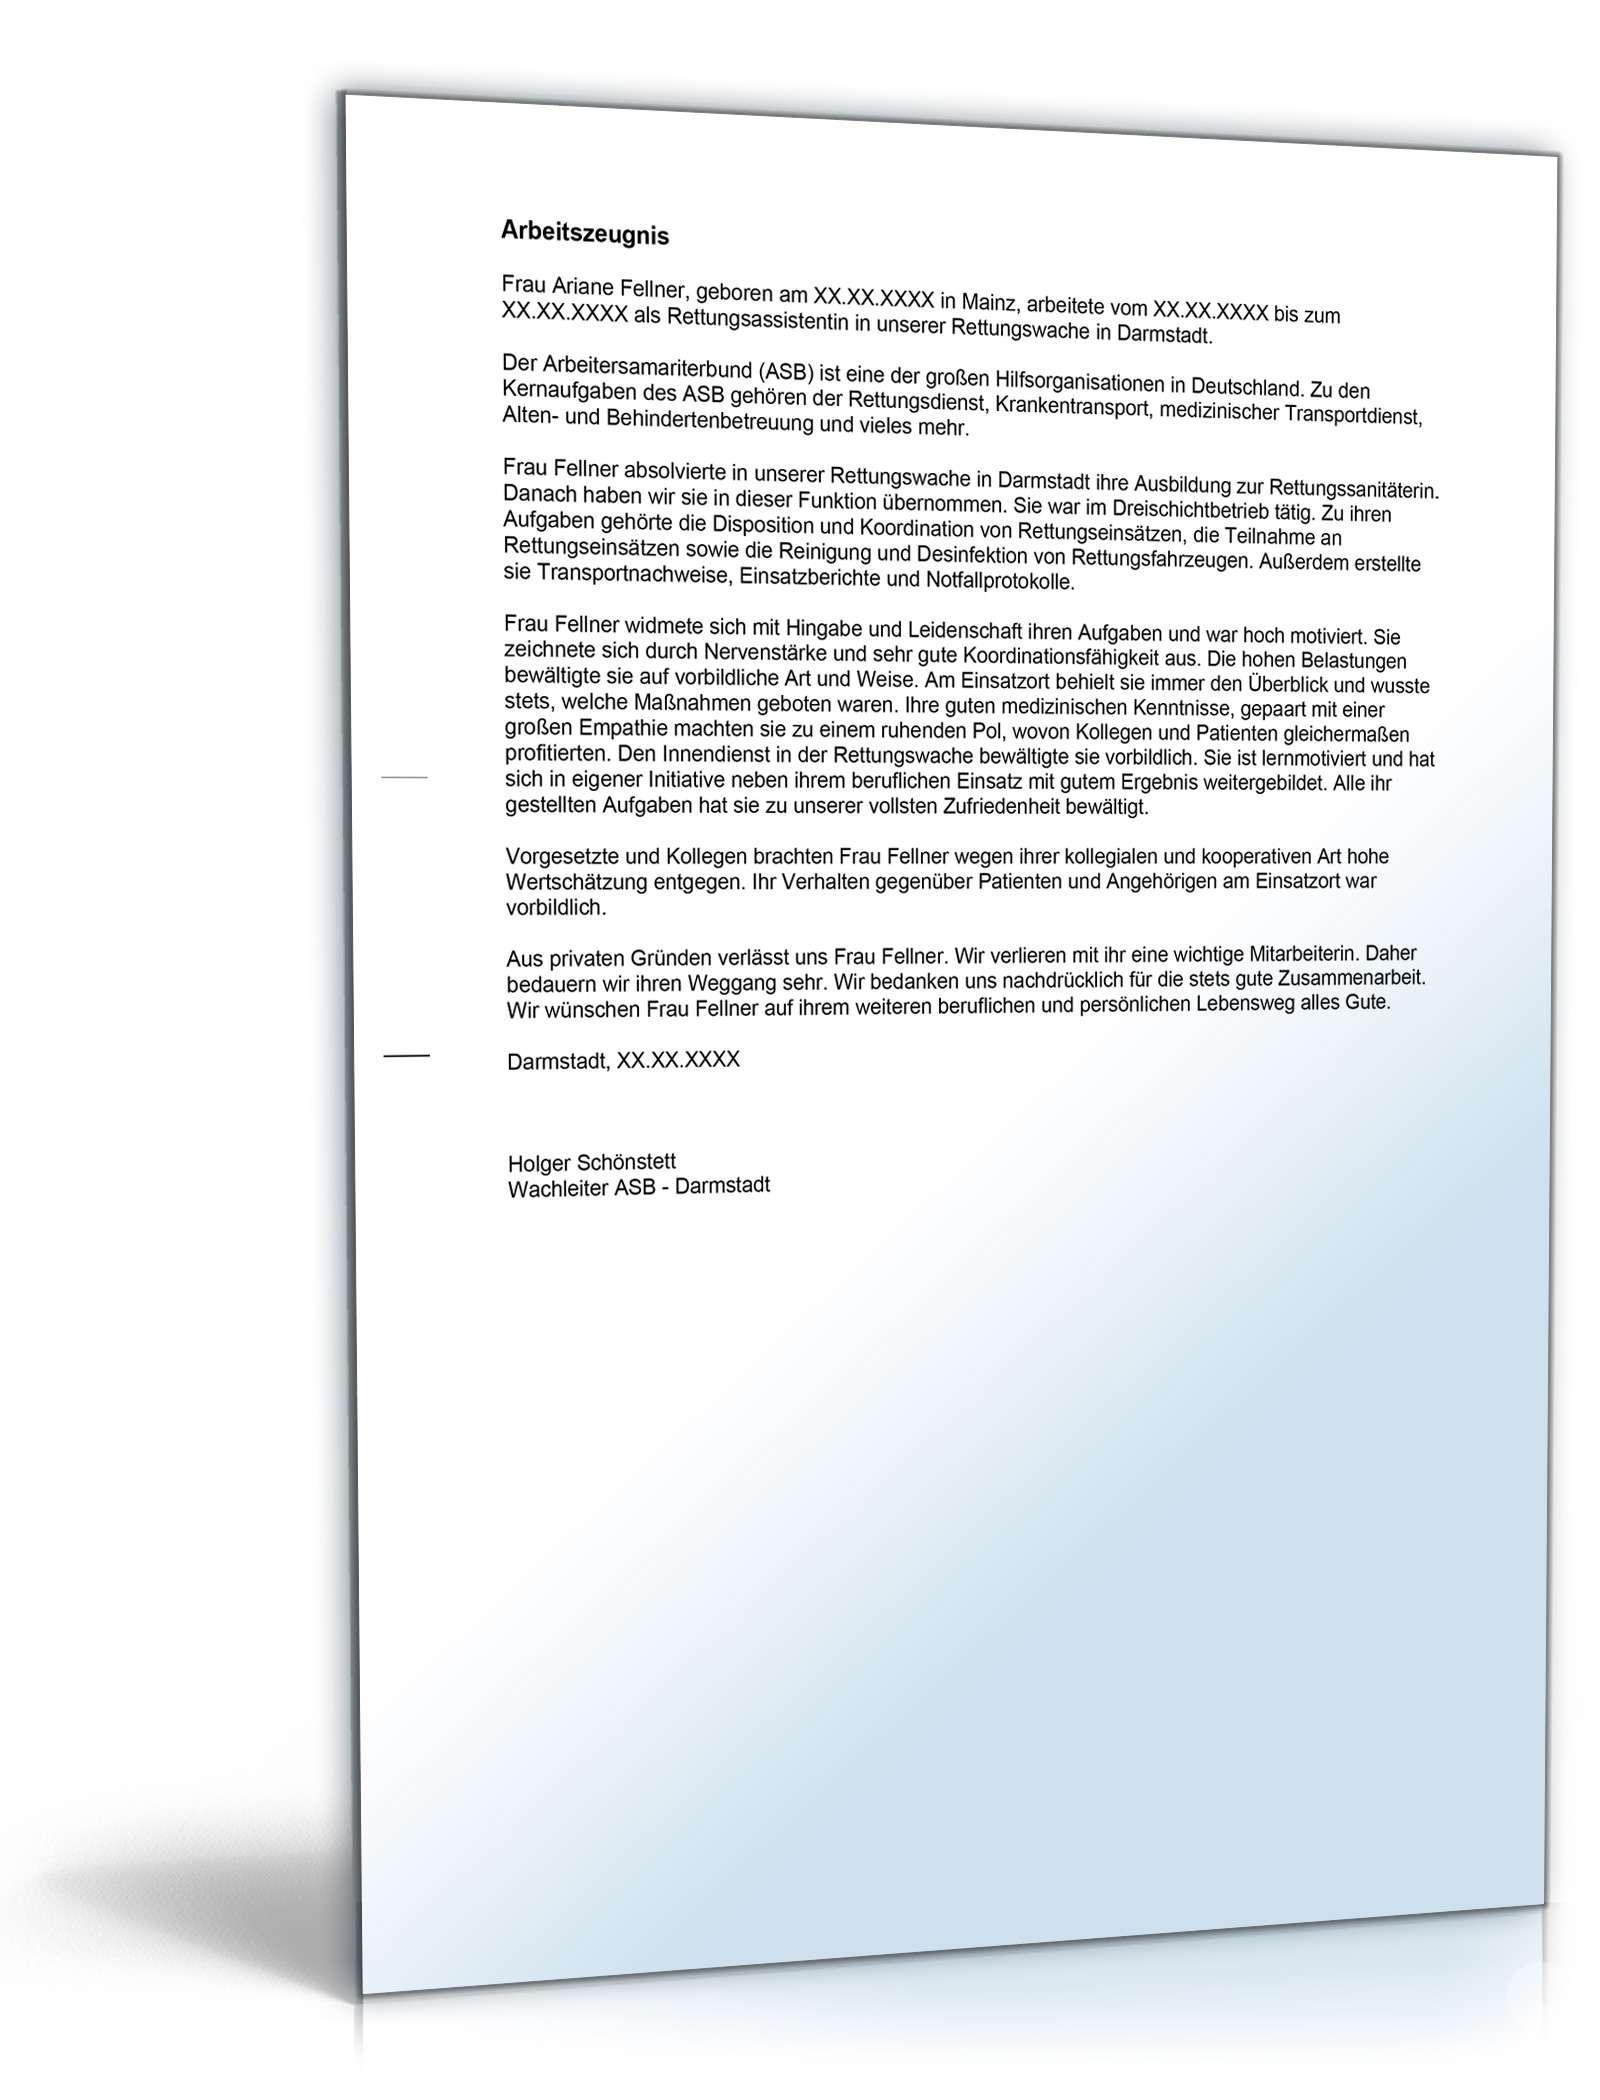 Großzügig Zertifizierung Der Wertschätzung Vorlage Ideen - Entry ...